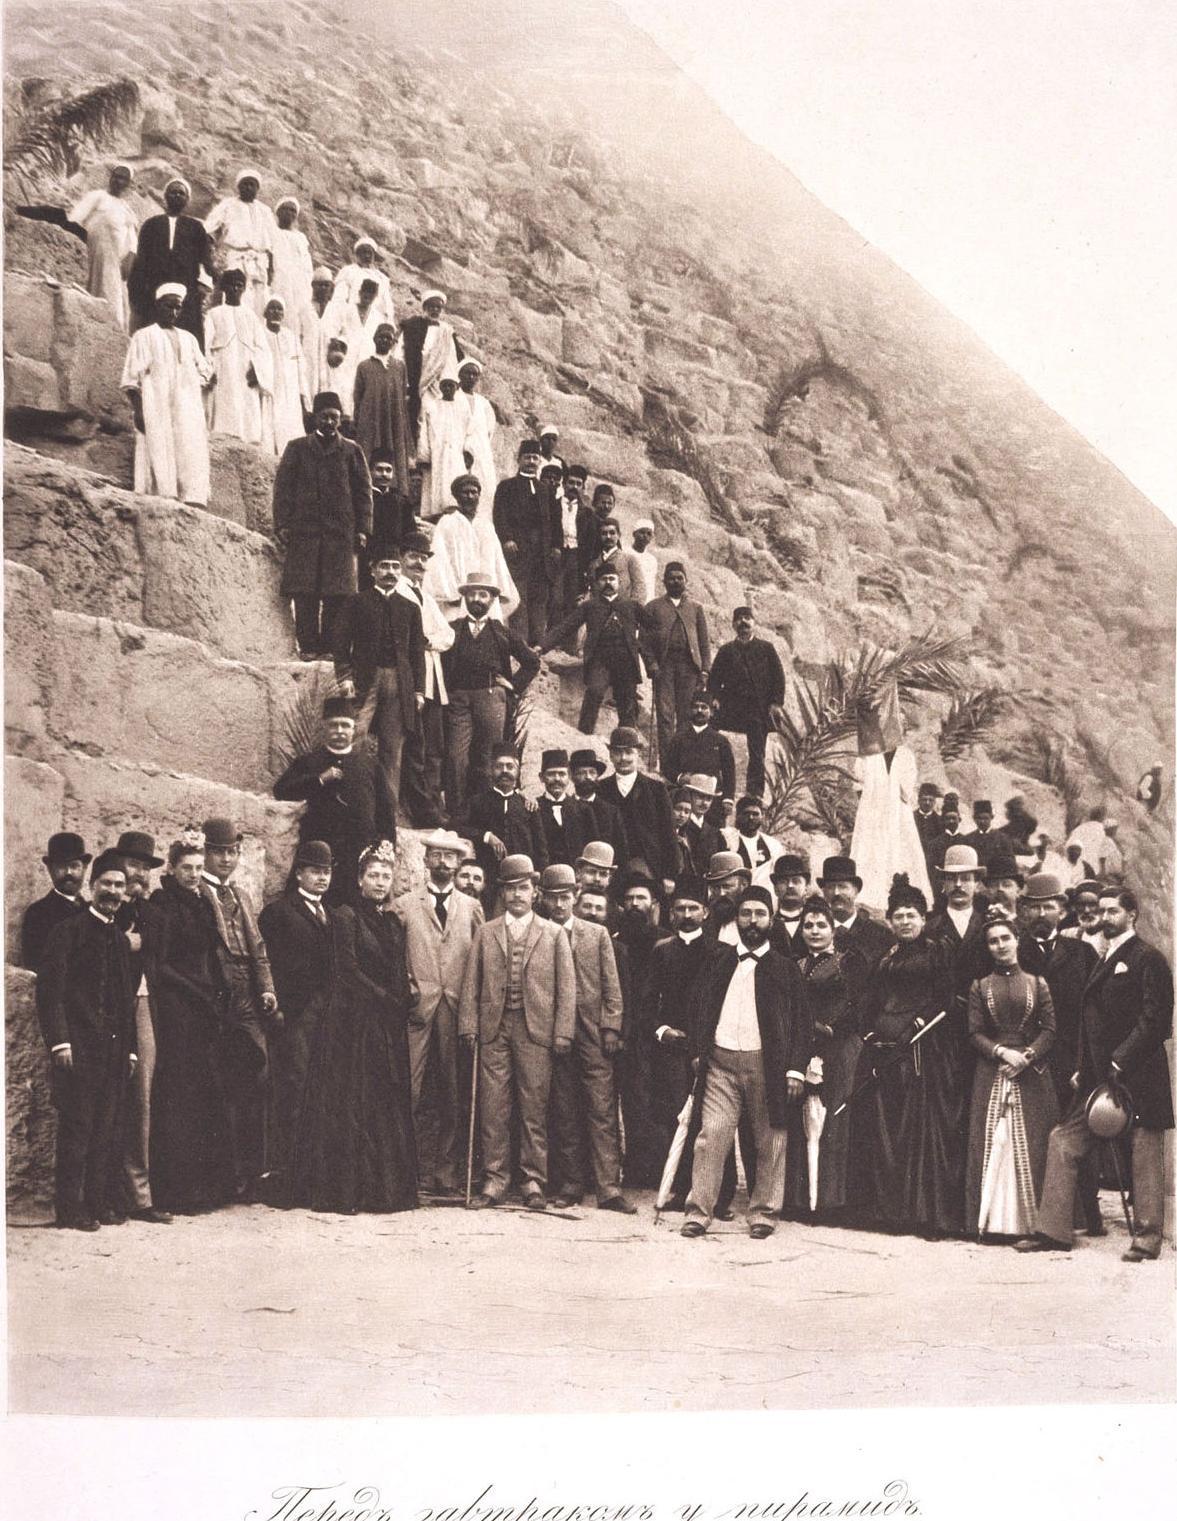 21. 1890. Египет. Цесаревич Николай Александрович со свитой перед завтраком у египетских пирамид.